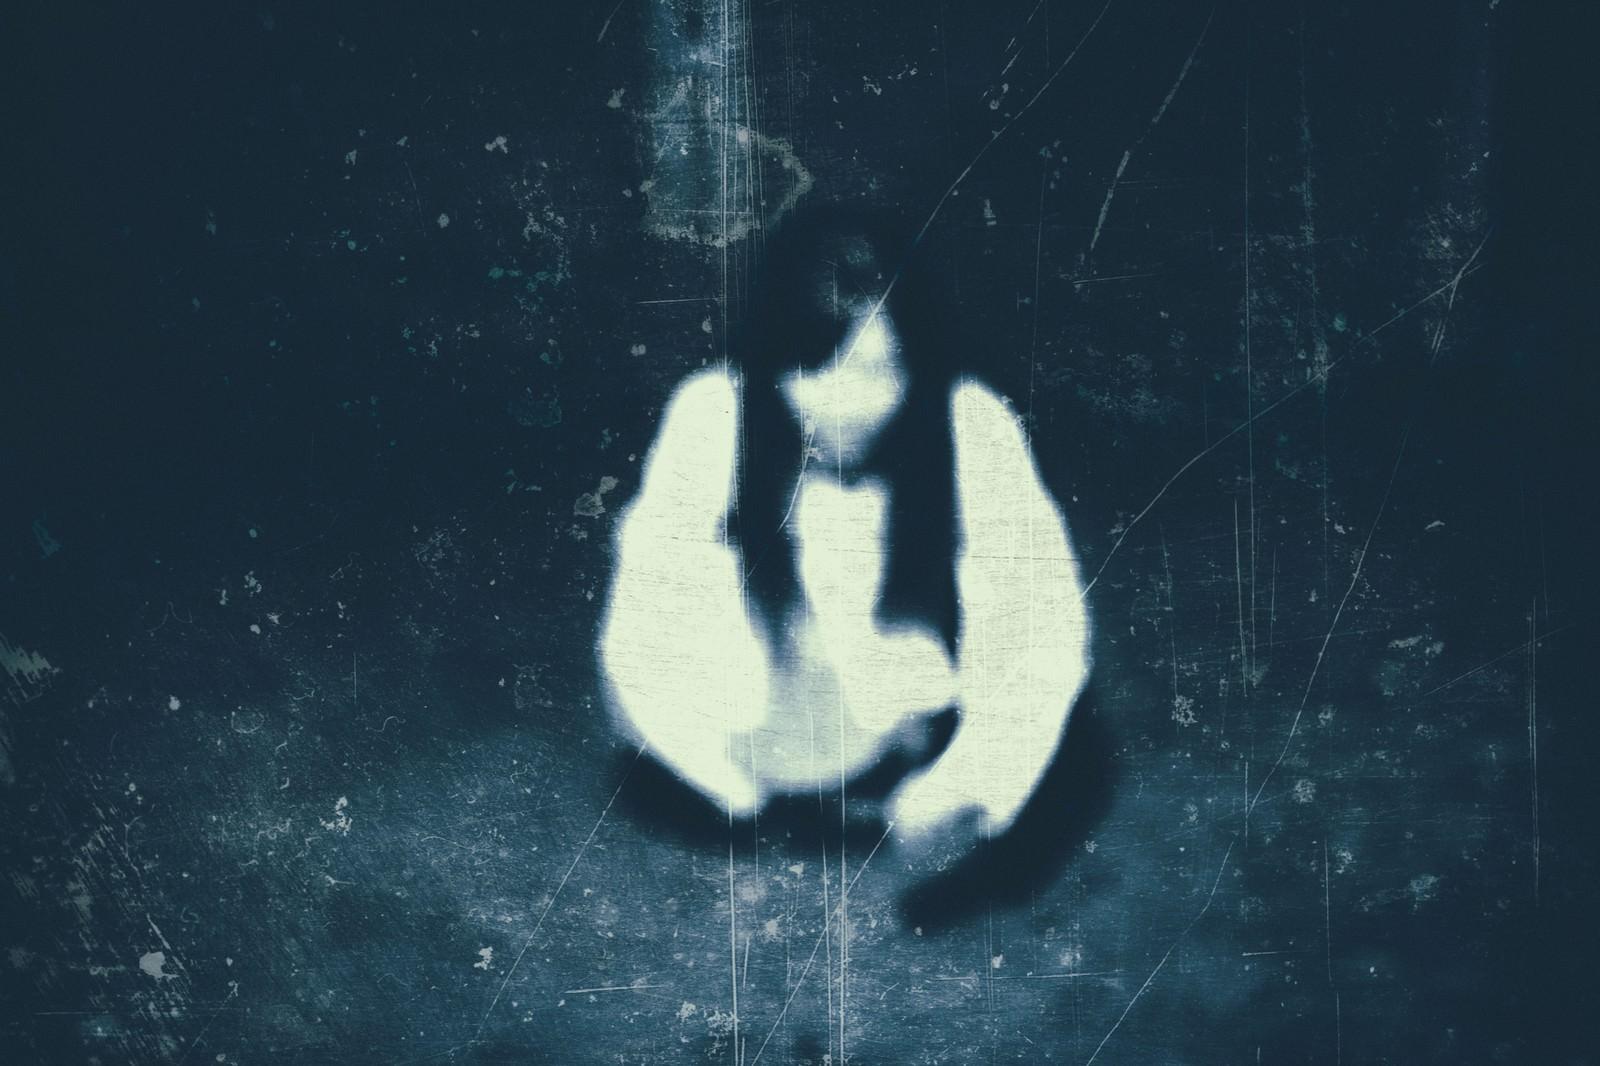 忍び寄る恐怖|ぱくたそフリー写真素材